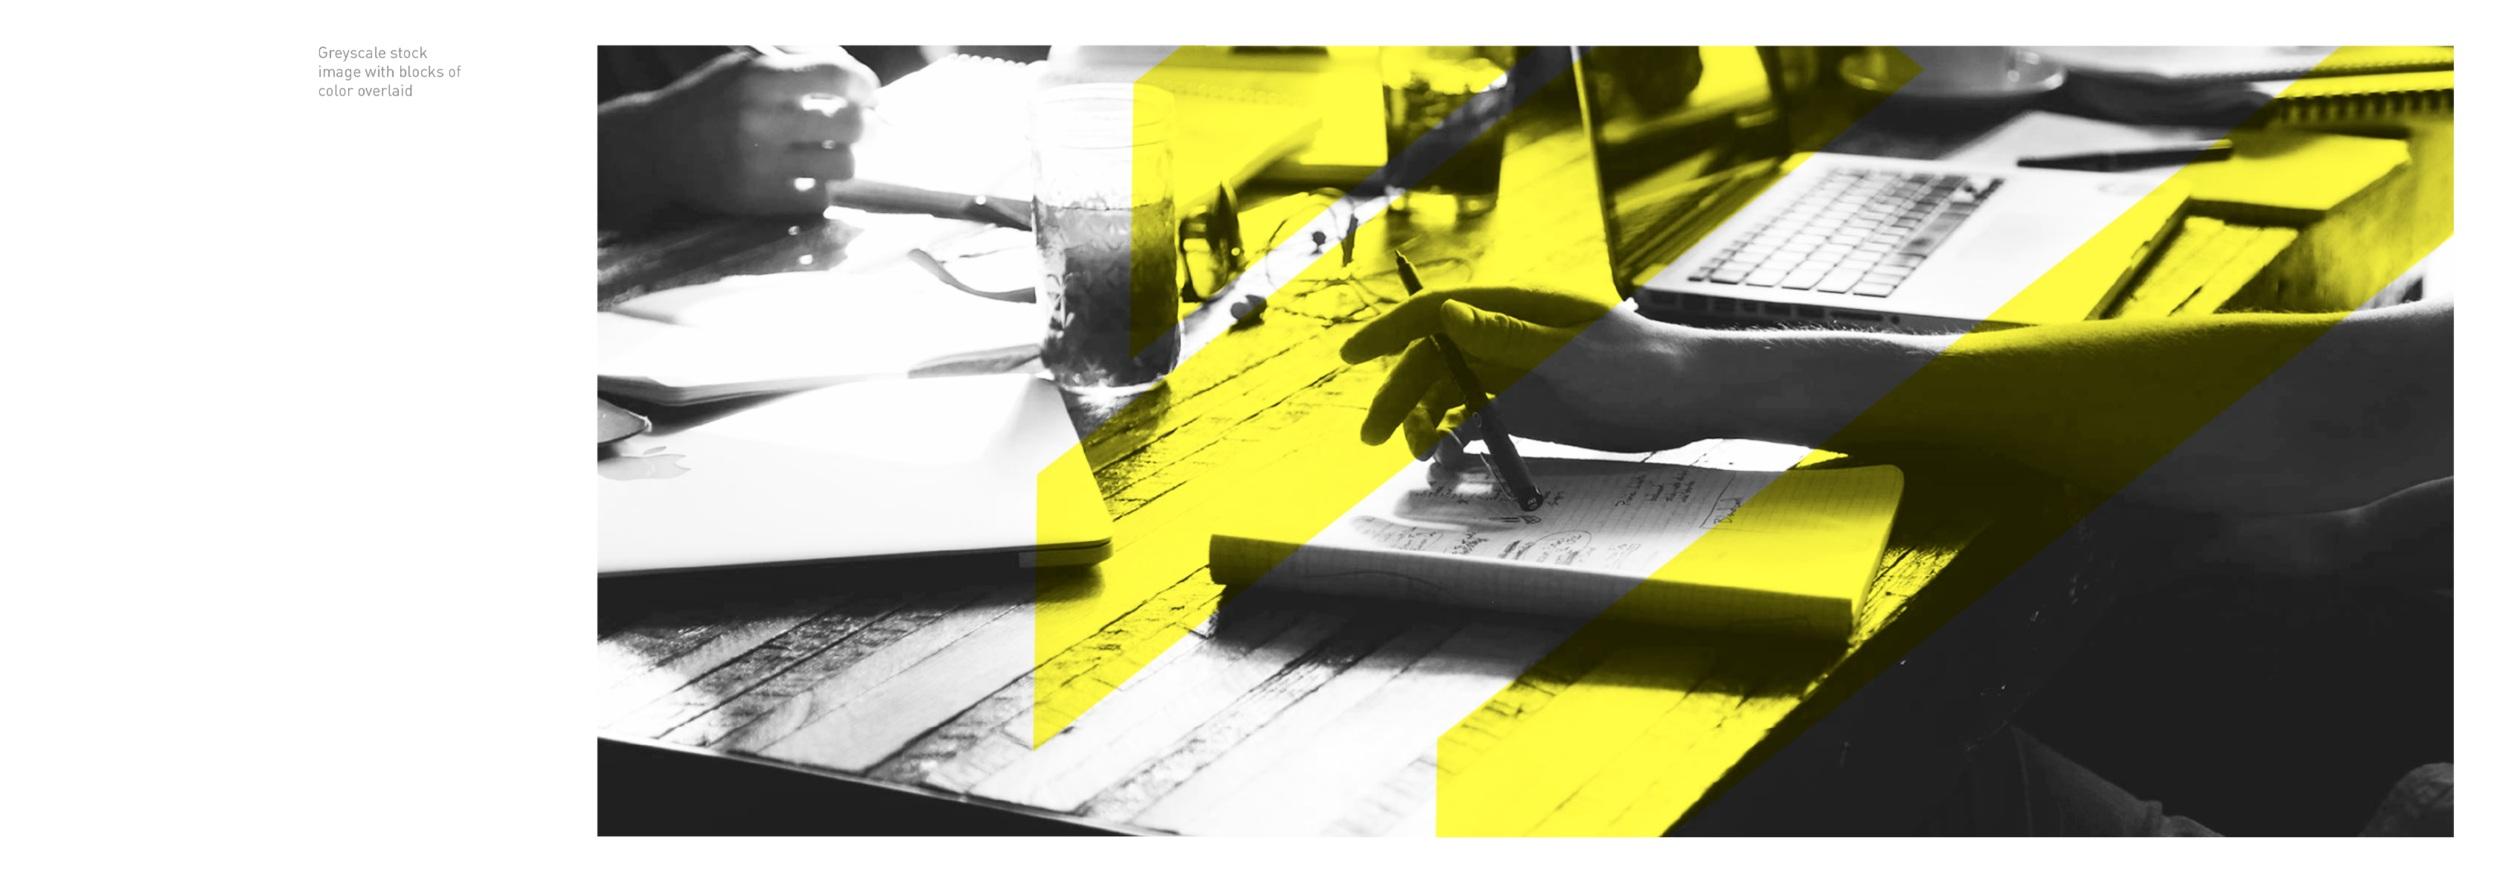 ObservePoint_moodboard3-25.jpg